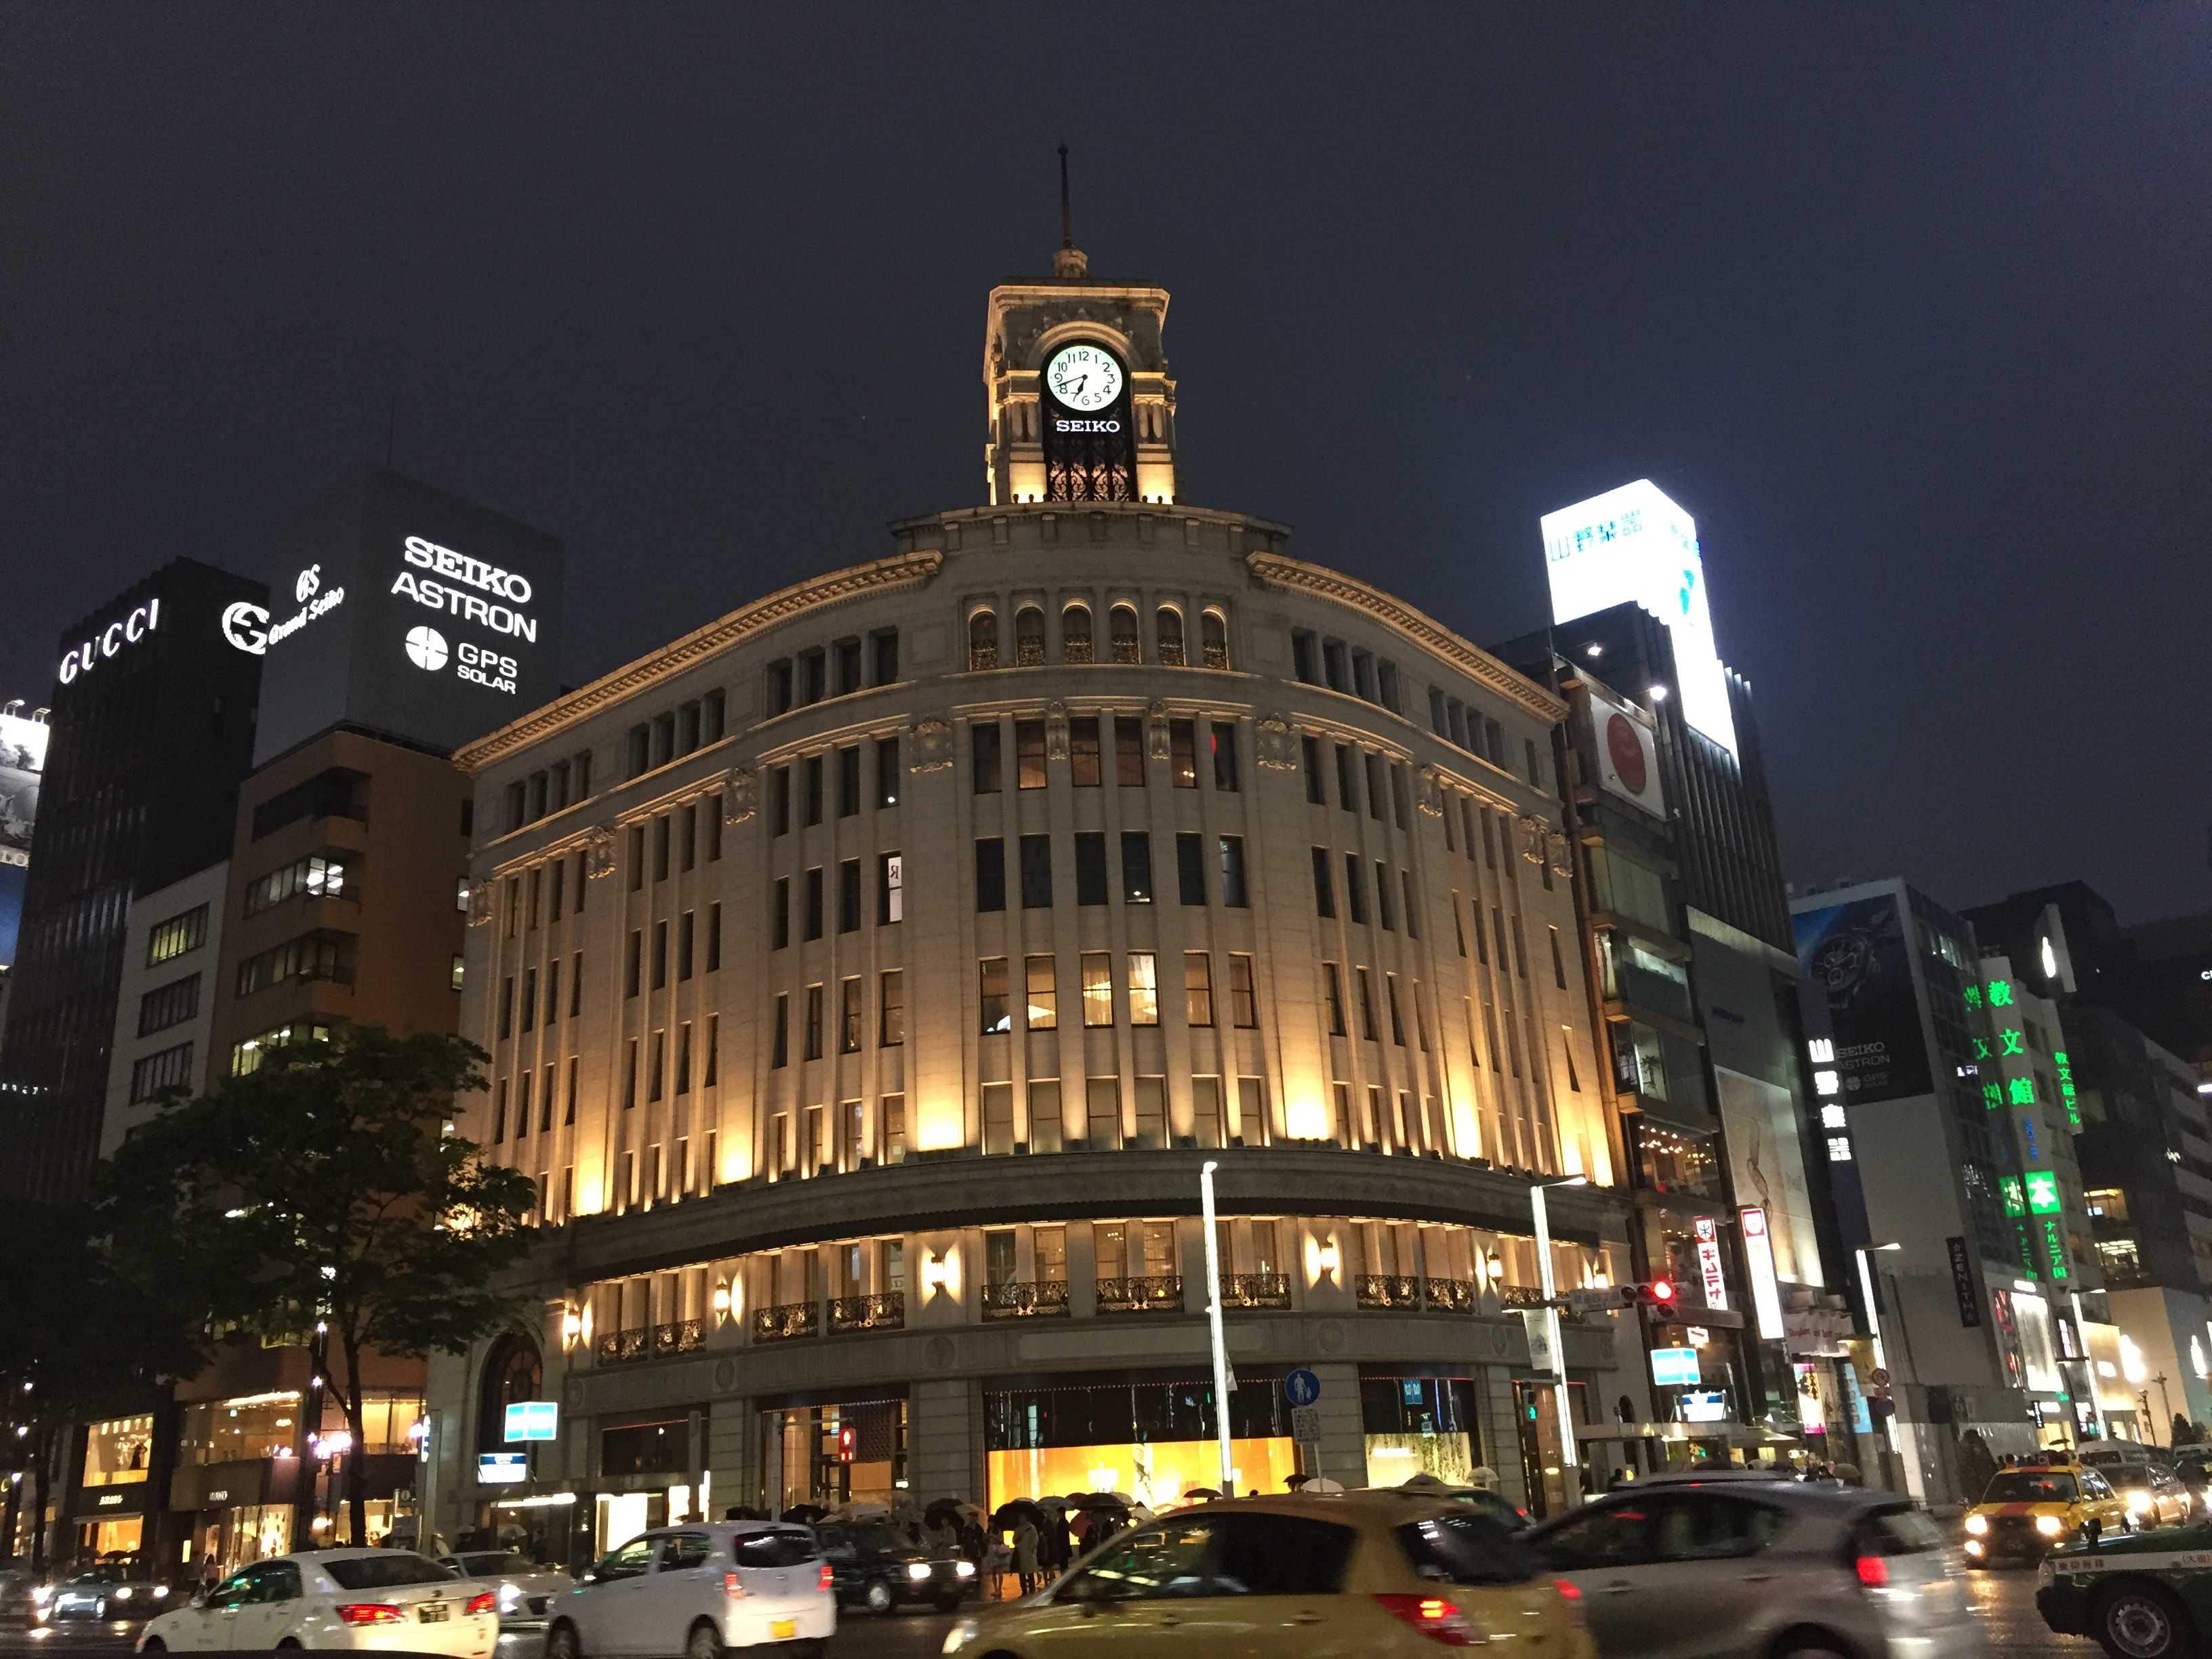 銀座和光本店 銀座の象徴的な存在の時計塔